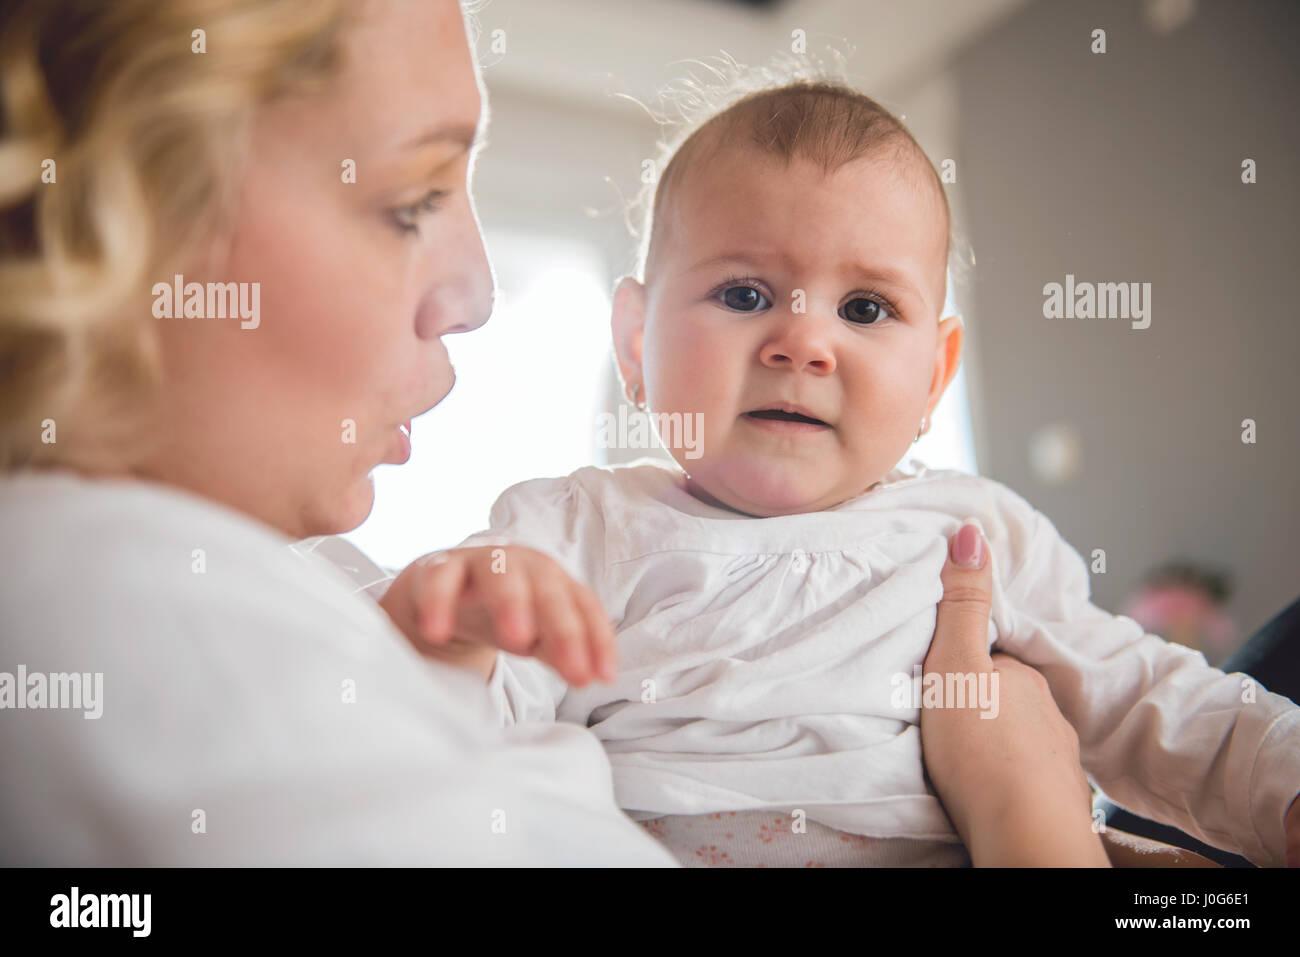 Madre sosteniendo a su bebé llorando Imagen De Stock